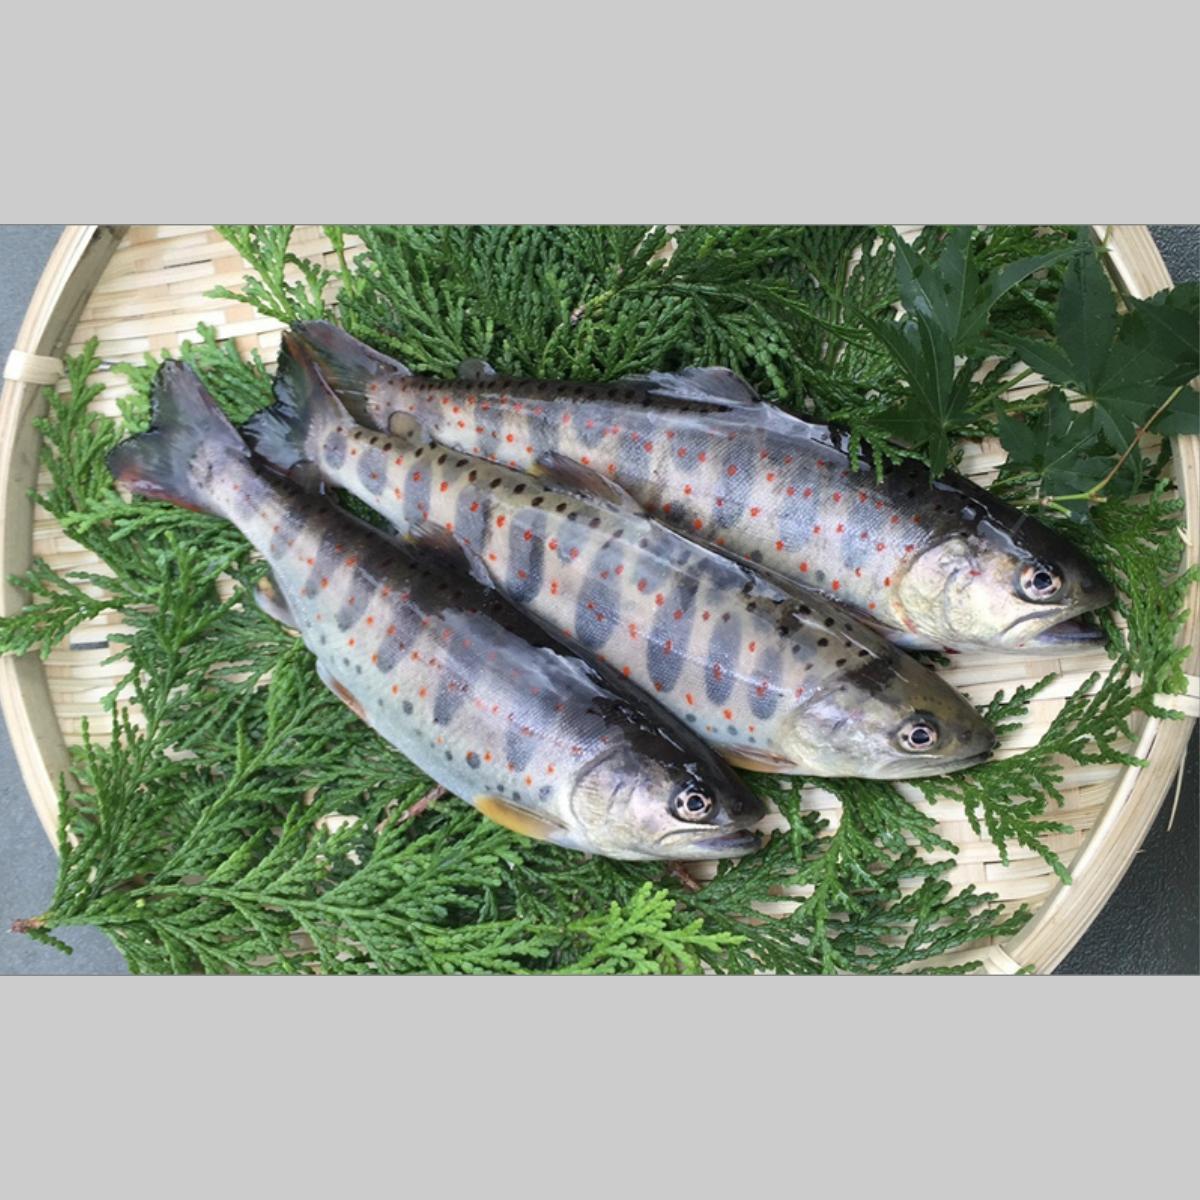 【ふるさと納税】ユズアマゴ (仁淀川町) 川魚